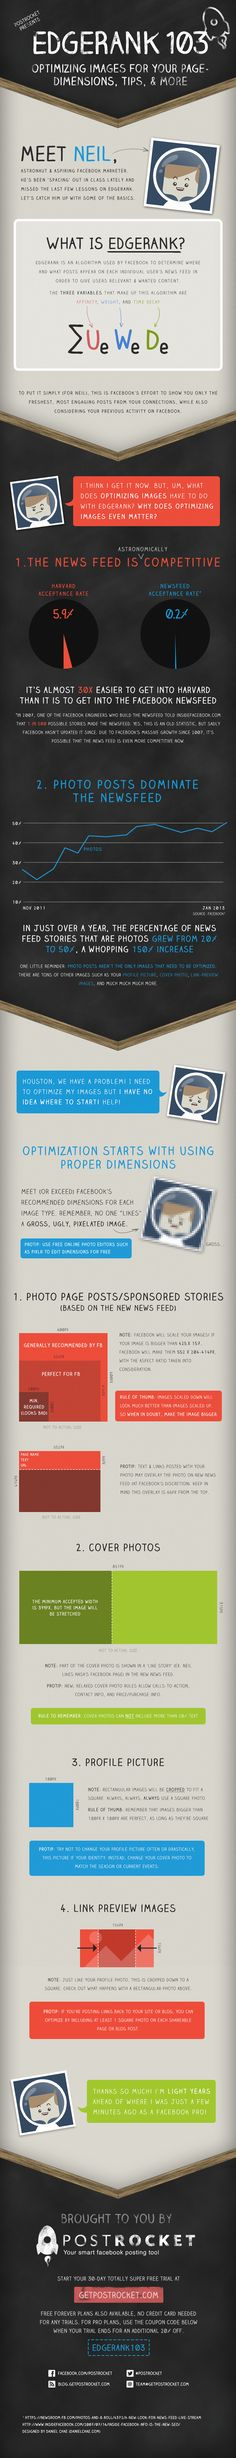 ¿Cómo mejorar fotos e imágenes para el perfil de marca en Facebook?